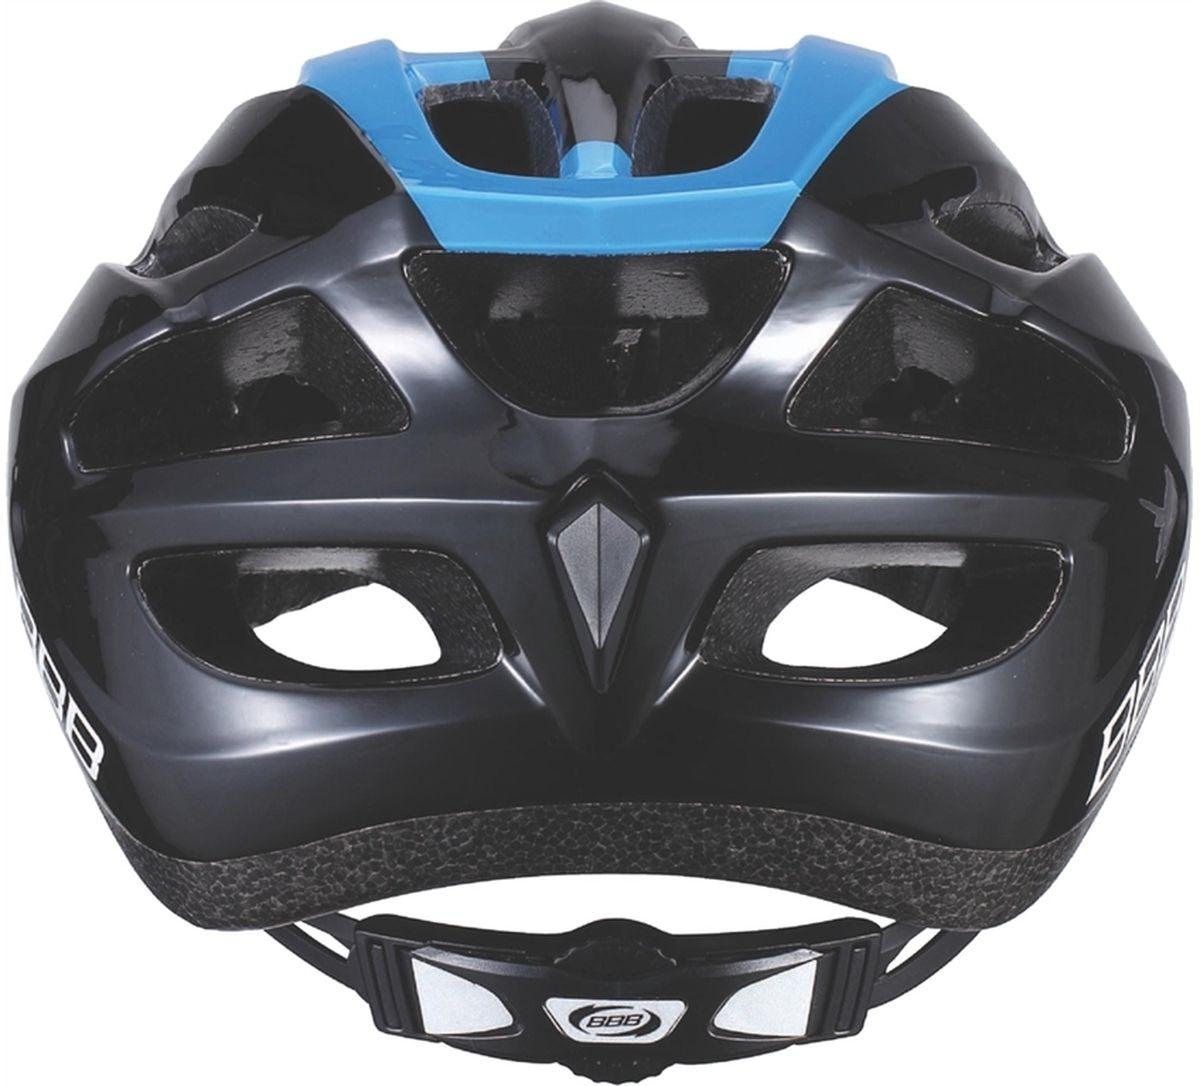 """Если вы не понаслышке знакомы с разнообразными насекомыми, залетающими в вентиляционные отверстия шлема летом - вам может очень пригодиться BBB """"Condor"""". Фронтальные отверстия прикрыты мелкой сеткой для защиты от непрошенных гостей. Кроме того, у шлема всего суммарно 18 отверстий для вентиляции и интегрированная конструкция для максимальной защиты в случае падений. Съемный козырек делает этот шлем одинаково хорошо подходящим как для шоссе, так и для маунтинбайка.  Особенности: Интегрированная конструкция. 18 вентиляционных отверстий. Отверстия для вентиляции в задней части шлема для оптимального распределения потоков воздуха. Защитная сетка от насекомых в вентиляционных отверстиях. Настраиваемые ремешки для максимально комфортной посадки. Простая в использовании система настройки TwistClose, можно настроить шлем одной рукой. Съемные мягкие накладки с антибактериальными свойствами и возможностью стирки. Светоотражающие наклейки на задней части шлема. Съемный козырек в комплекте. Обхват головы: 58-61,5 см.    Гид по велоаксессуарам. Статья OZON Гид"""